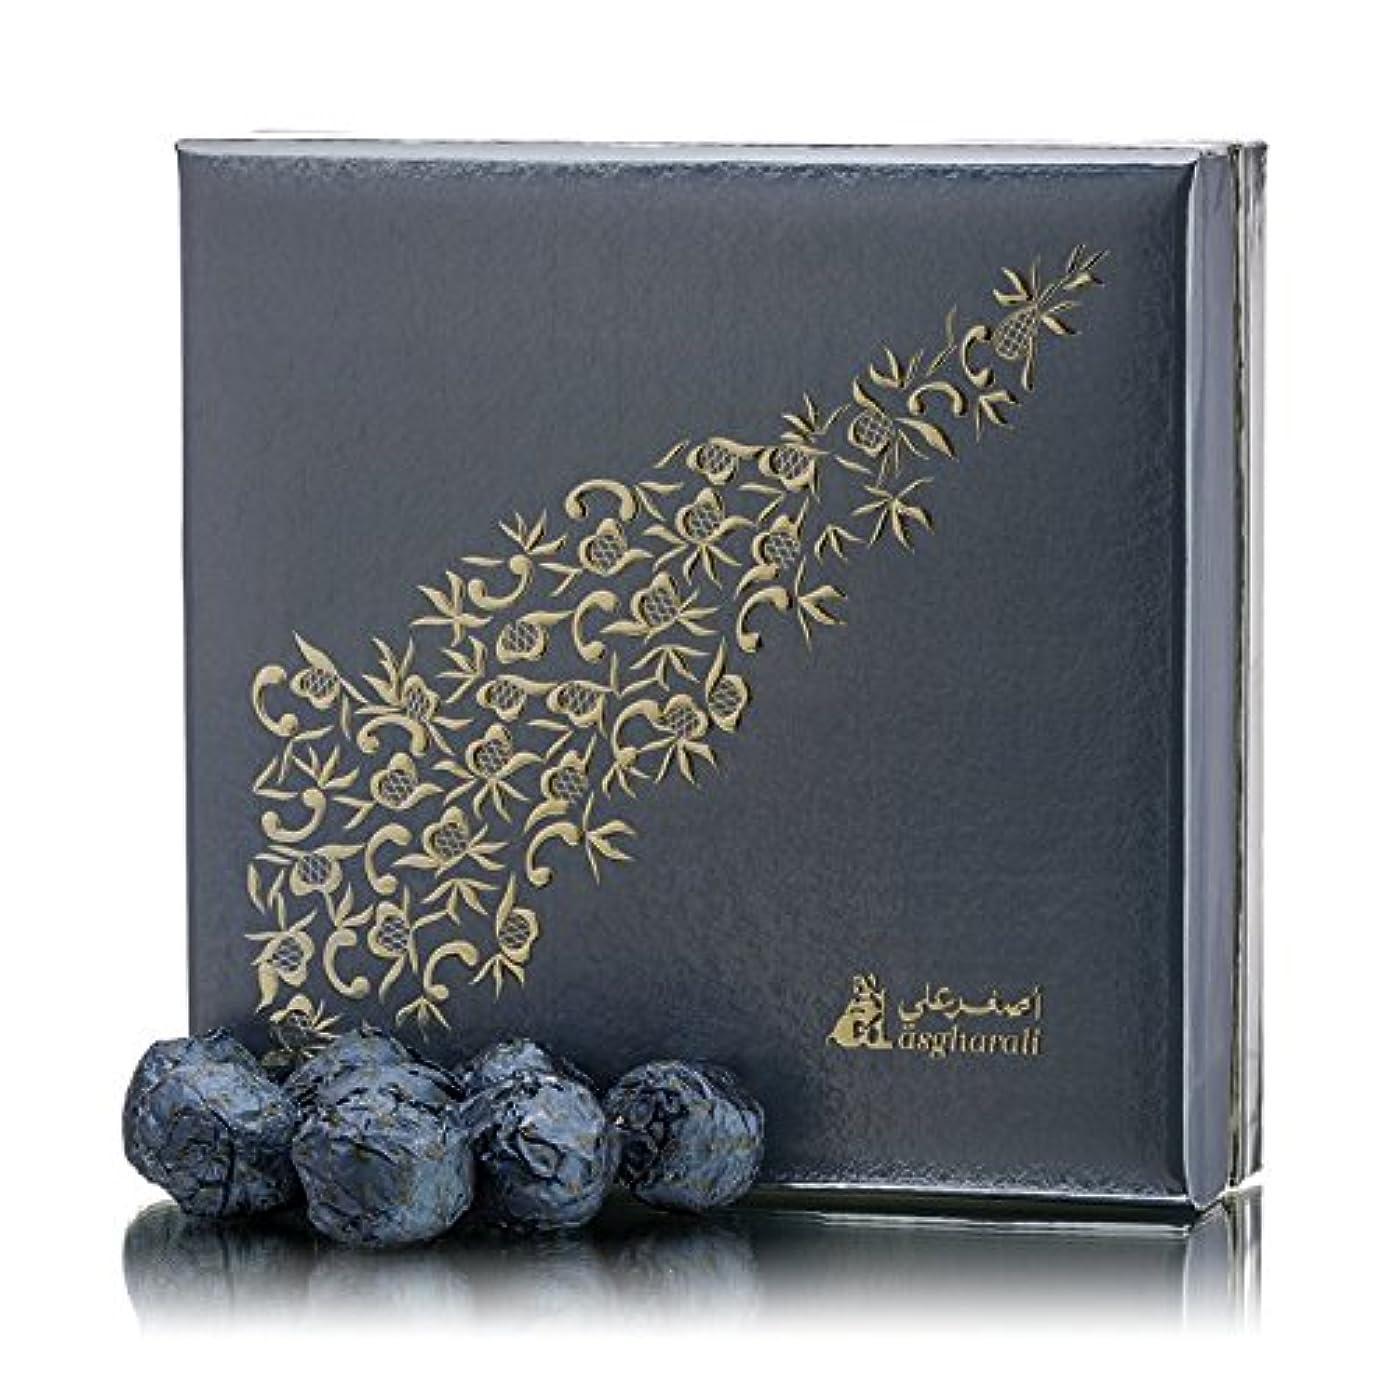 驚き散らす店主Asgharali debaaj mustabaraq 300ミリグラム – Shay Oud、花柄、Woody、Oriental Incense Limited Edition Bakhoor